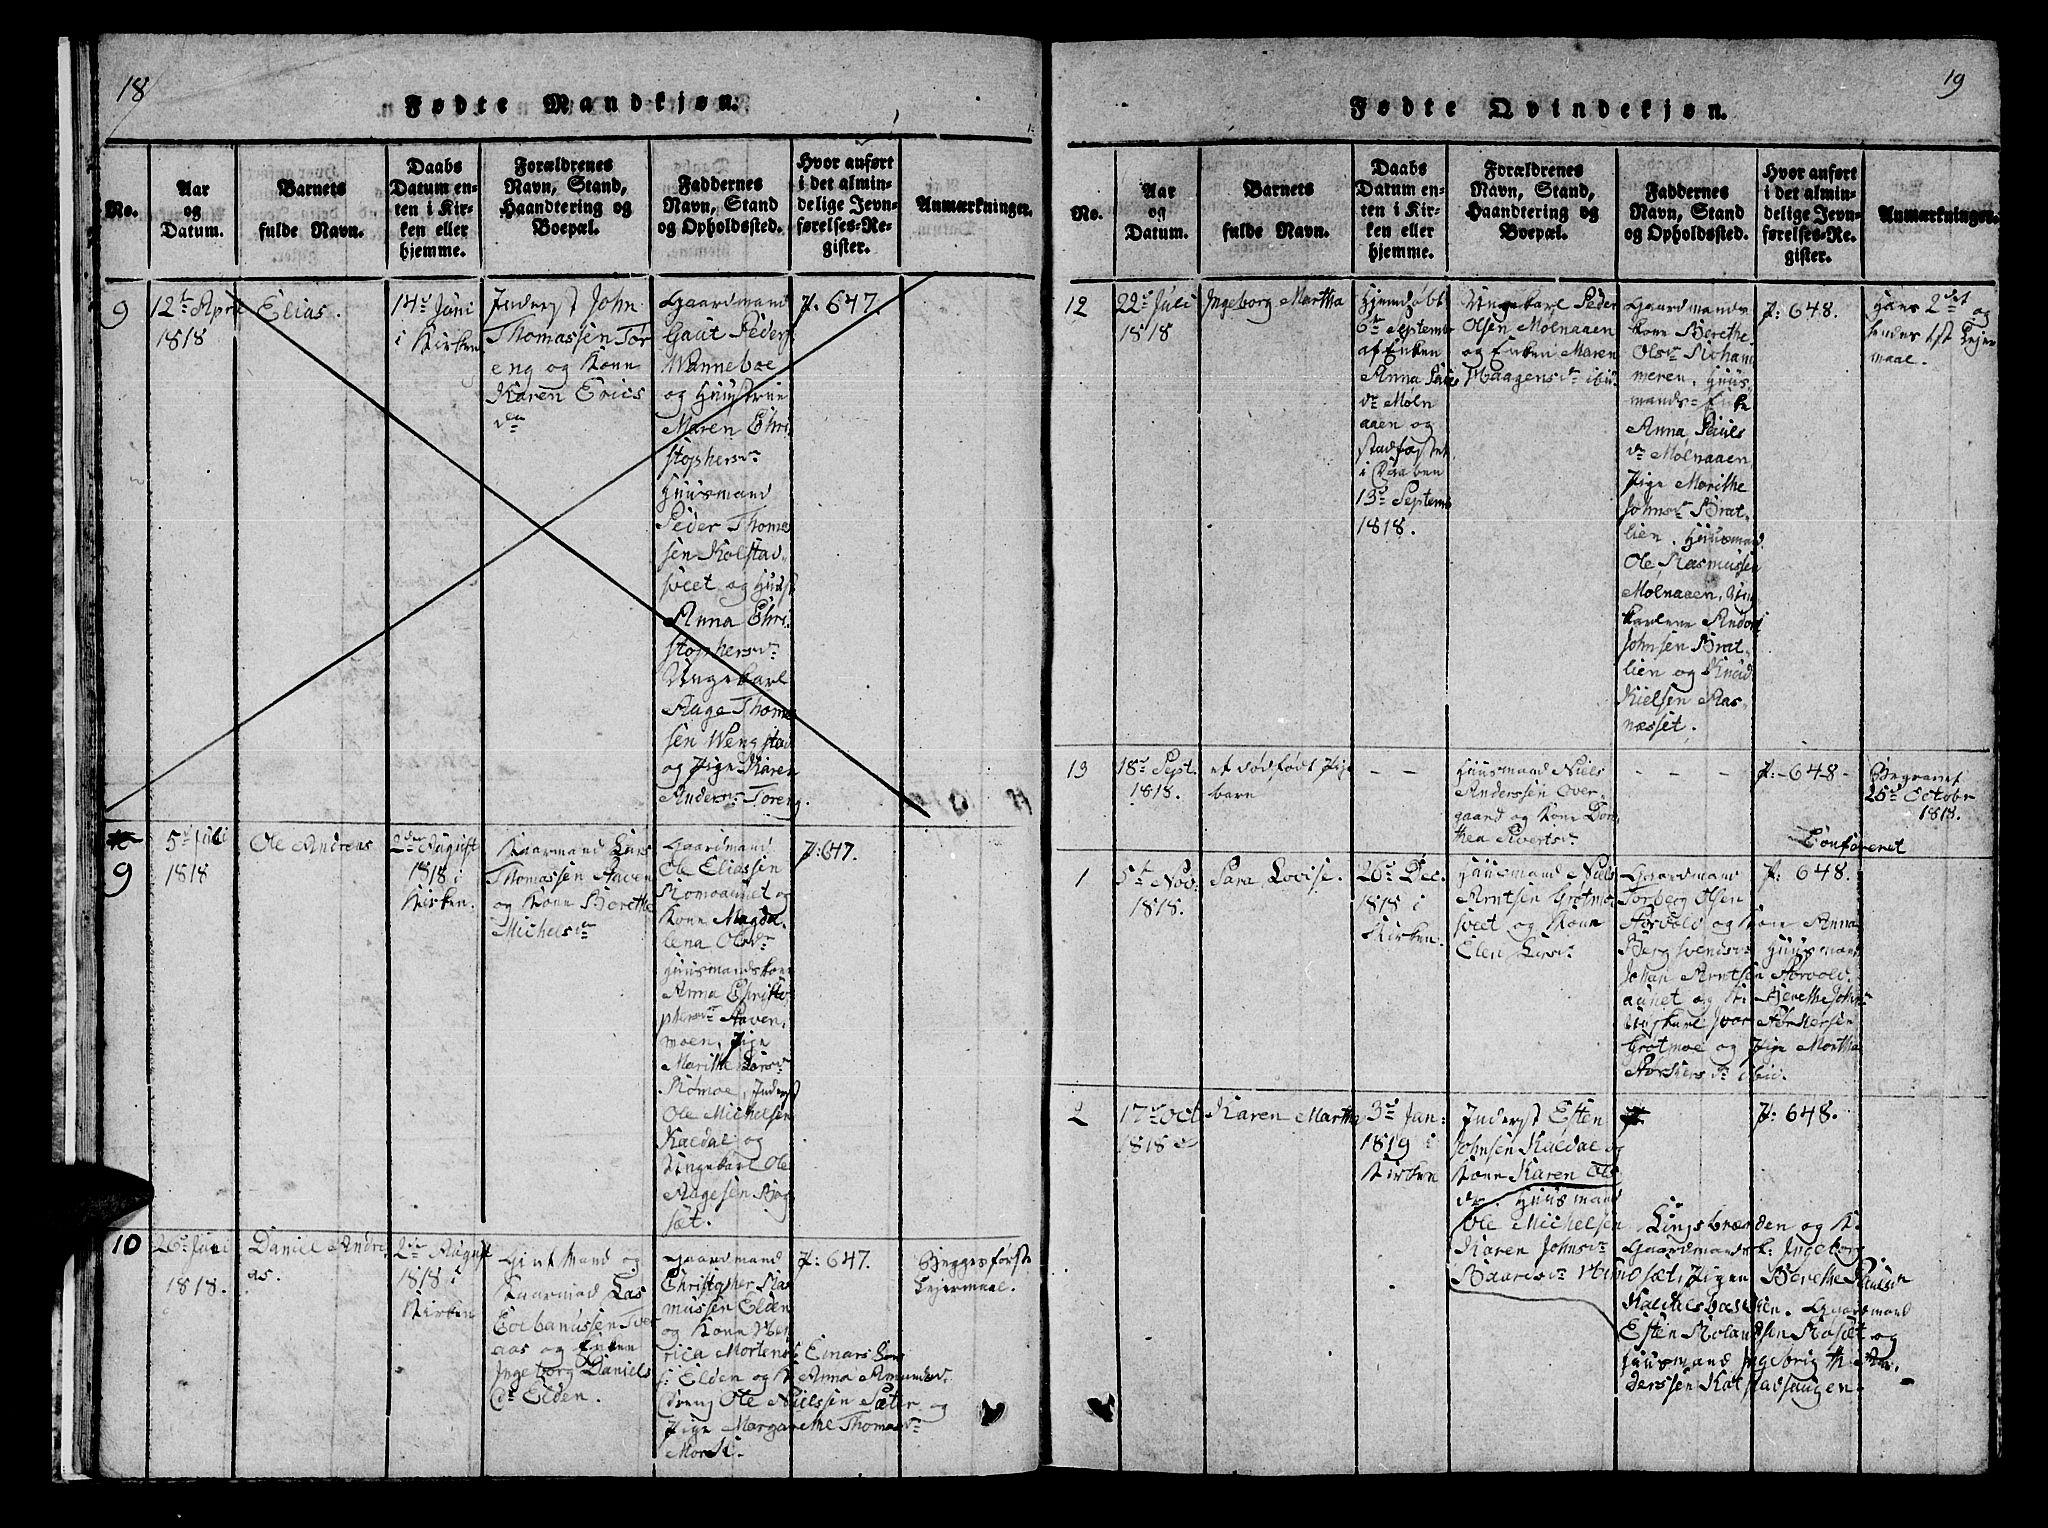 SAT, Ministerialprotokoller, klokkerbøker og fødselsregistre - Nord-Trøndelag, 742/L0411: Klokkerbok nr. 742C02, 1817-1825, s. 18-19